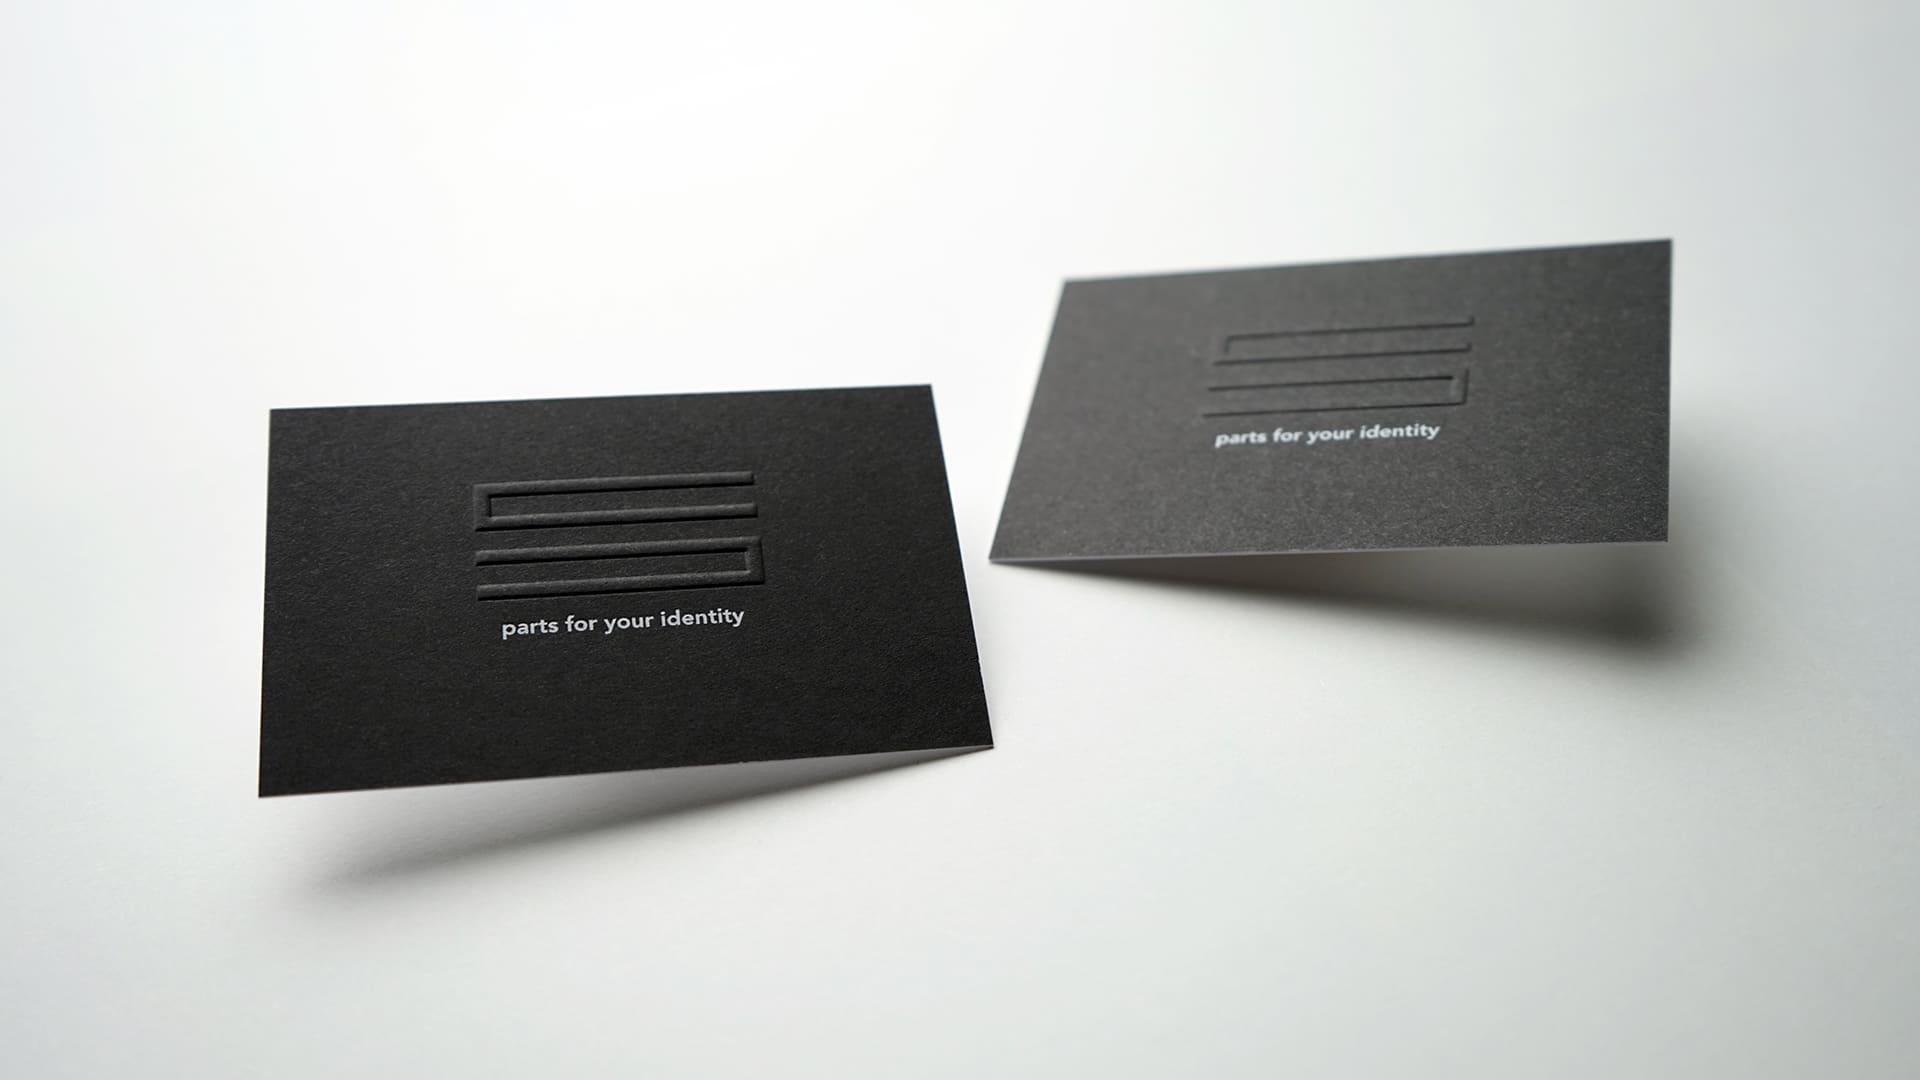 01 SY Geschäftsausstattung.jpg.JPG Shop Systems